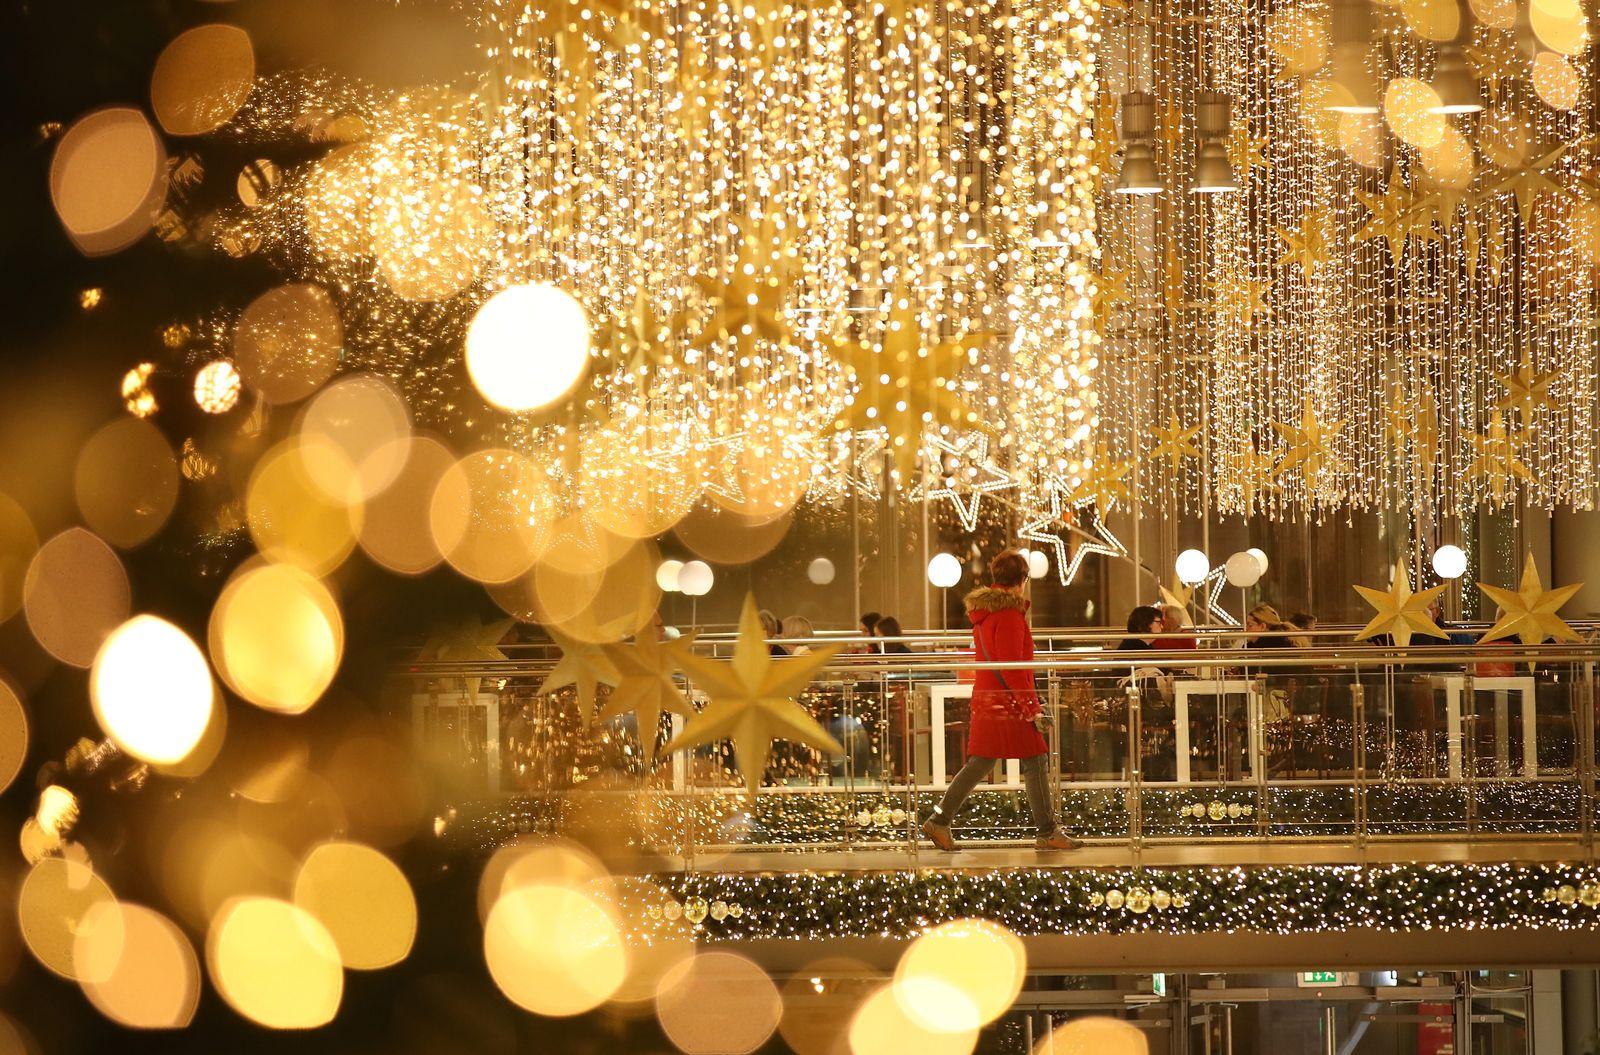 Weihnachts-Gadgets/ einkaufmall berlin weihnachtseinkäufe